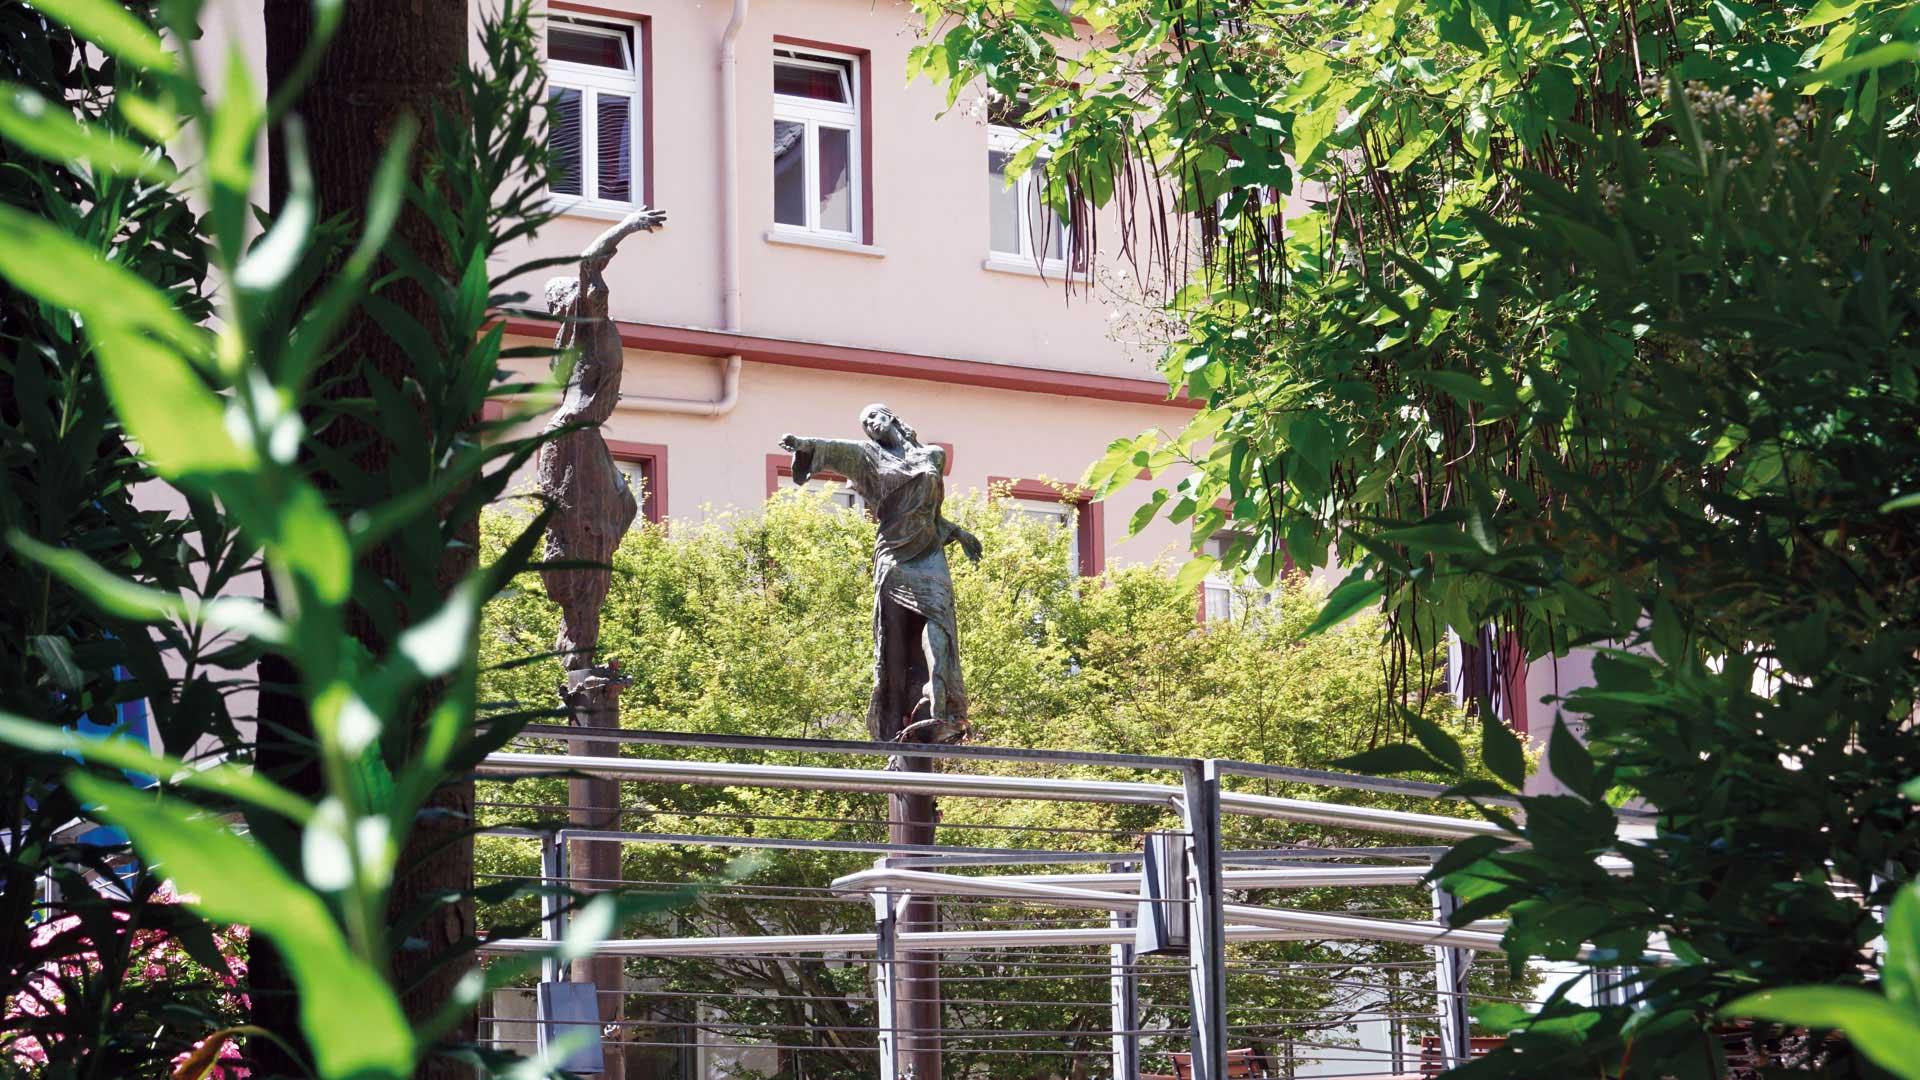 Seniorenzentrum-Bruder-Konrad-Stift-Statue-9